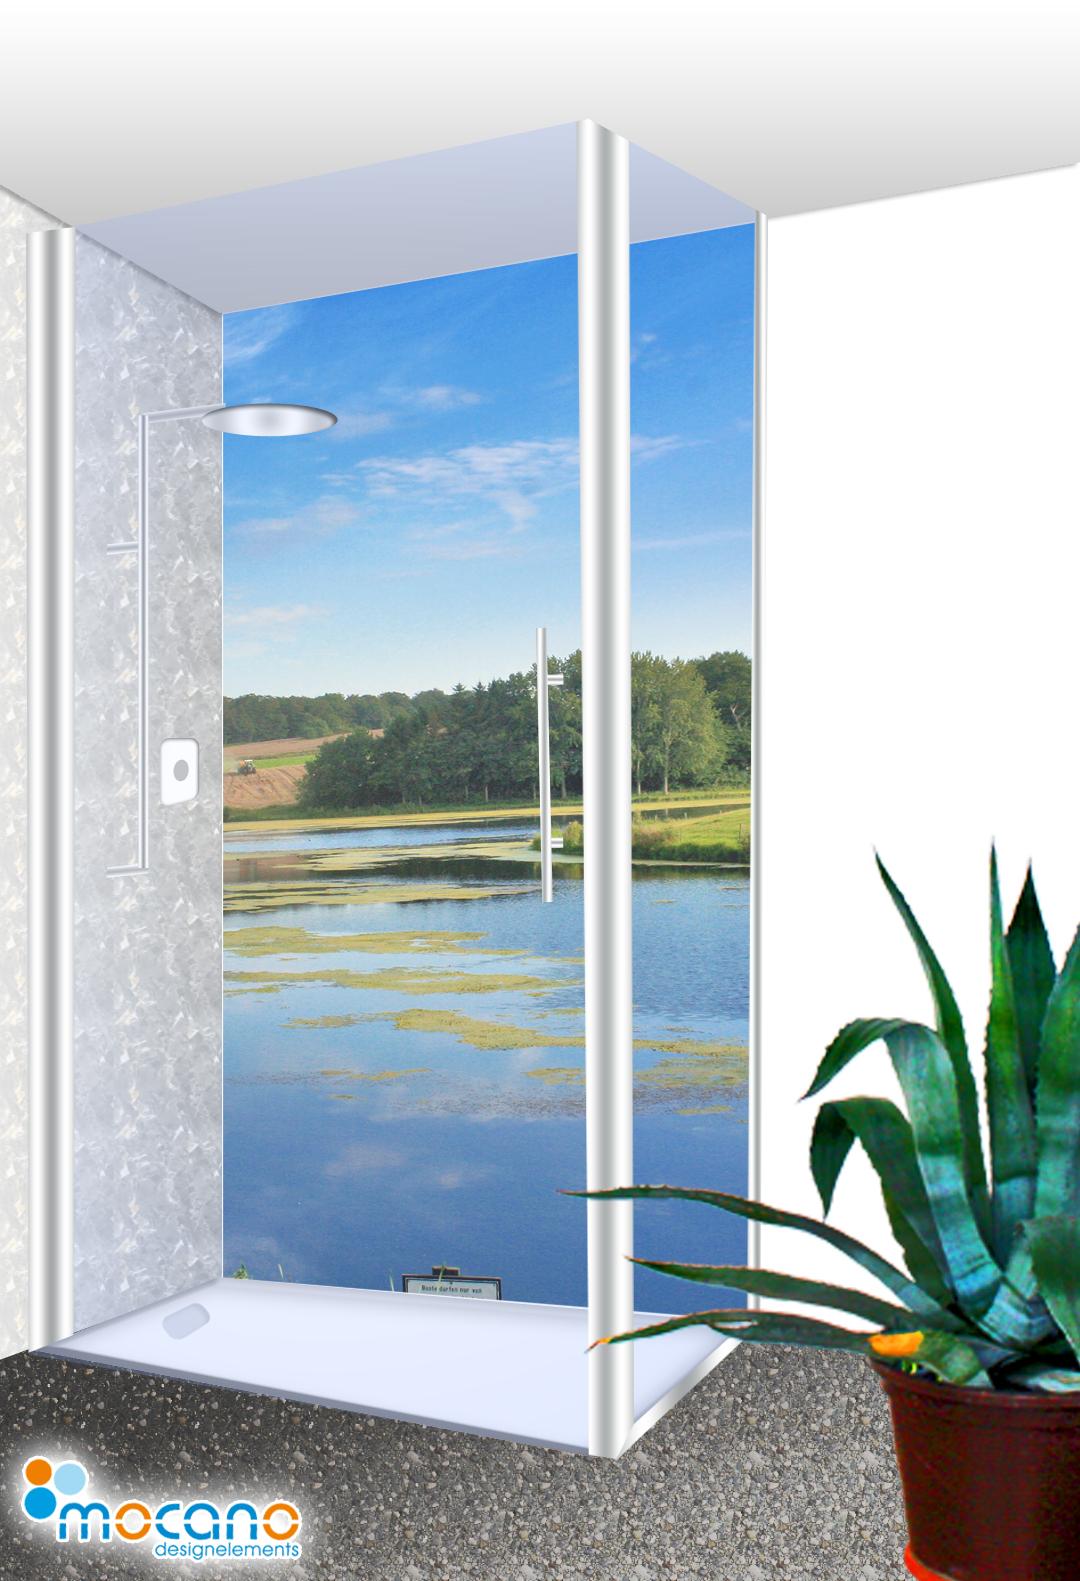 seelandschaft 177 duschr ckwand 100x210cm 100x210cm motive duschr ckwand mocano. Black Bedroom Furniture Sets. Home Design Ideas